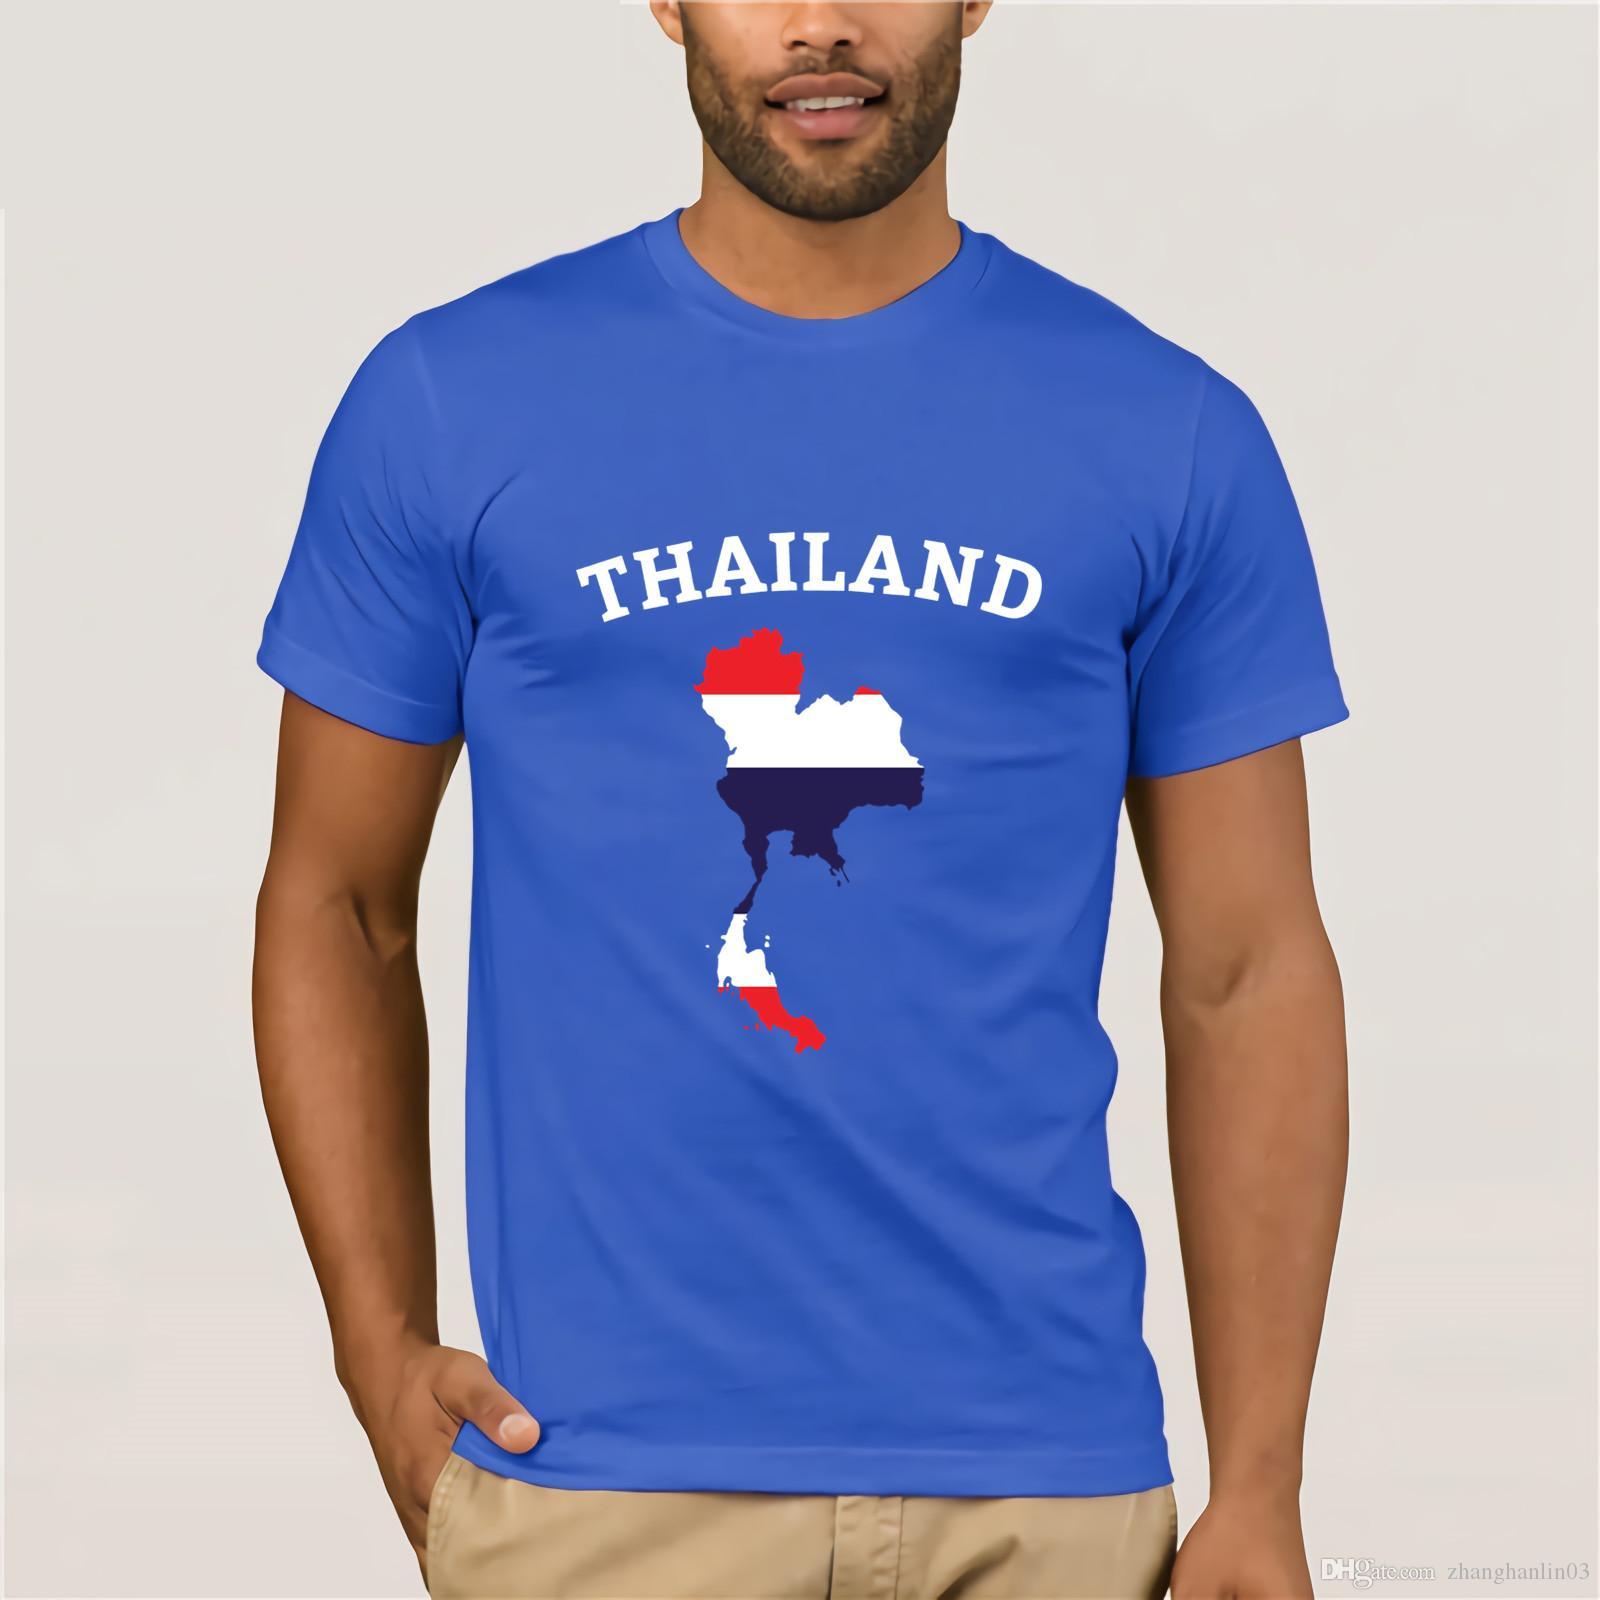 Compre Tailândia Camisa Mapa Da Bandeira Tailandesa T Shirt Dos Miúdos Das  Crianças Dos Homens De Phuket T Shirt Vestido De Zhanghanlin03 c2d5c8839fb2c